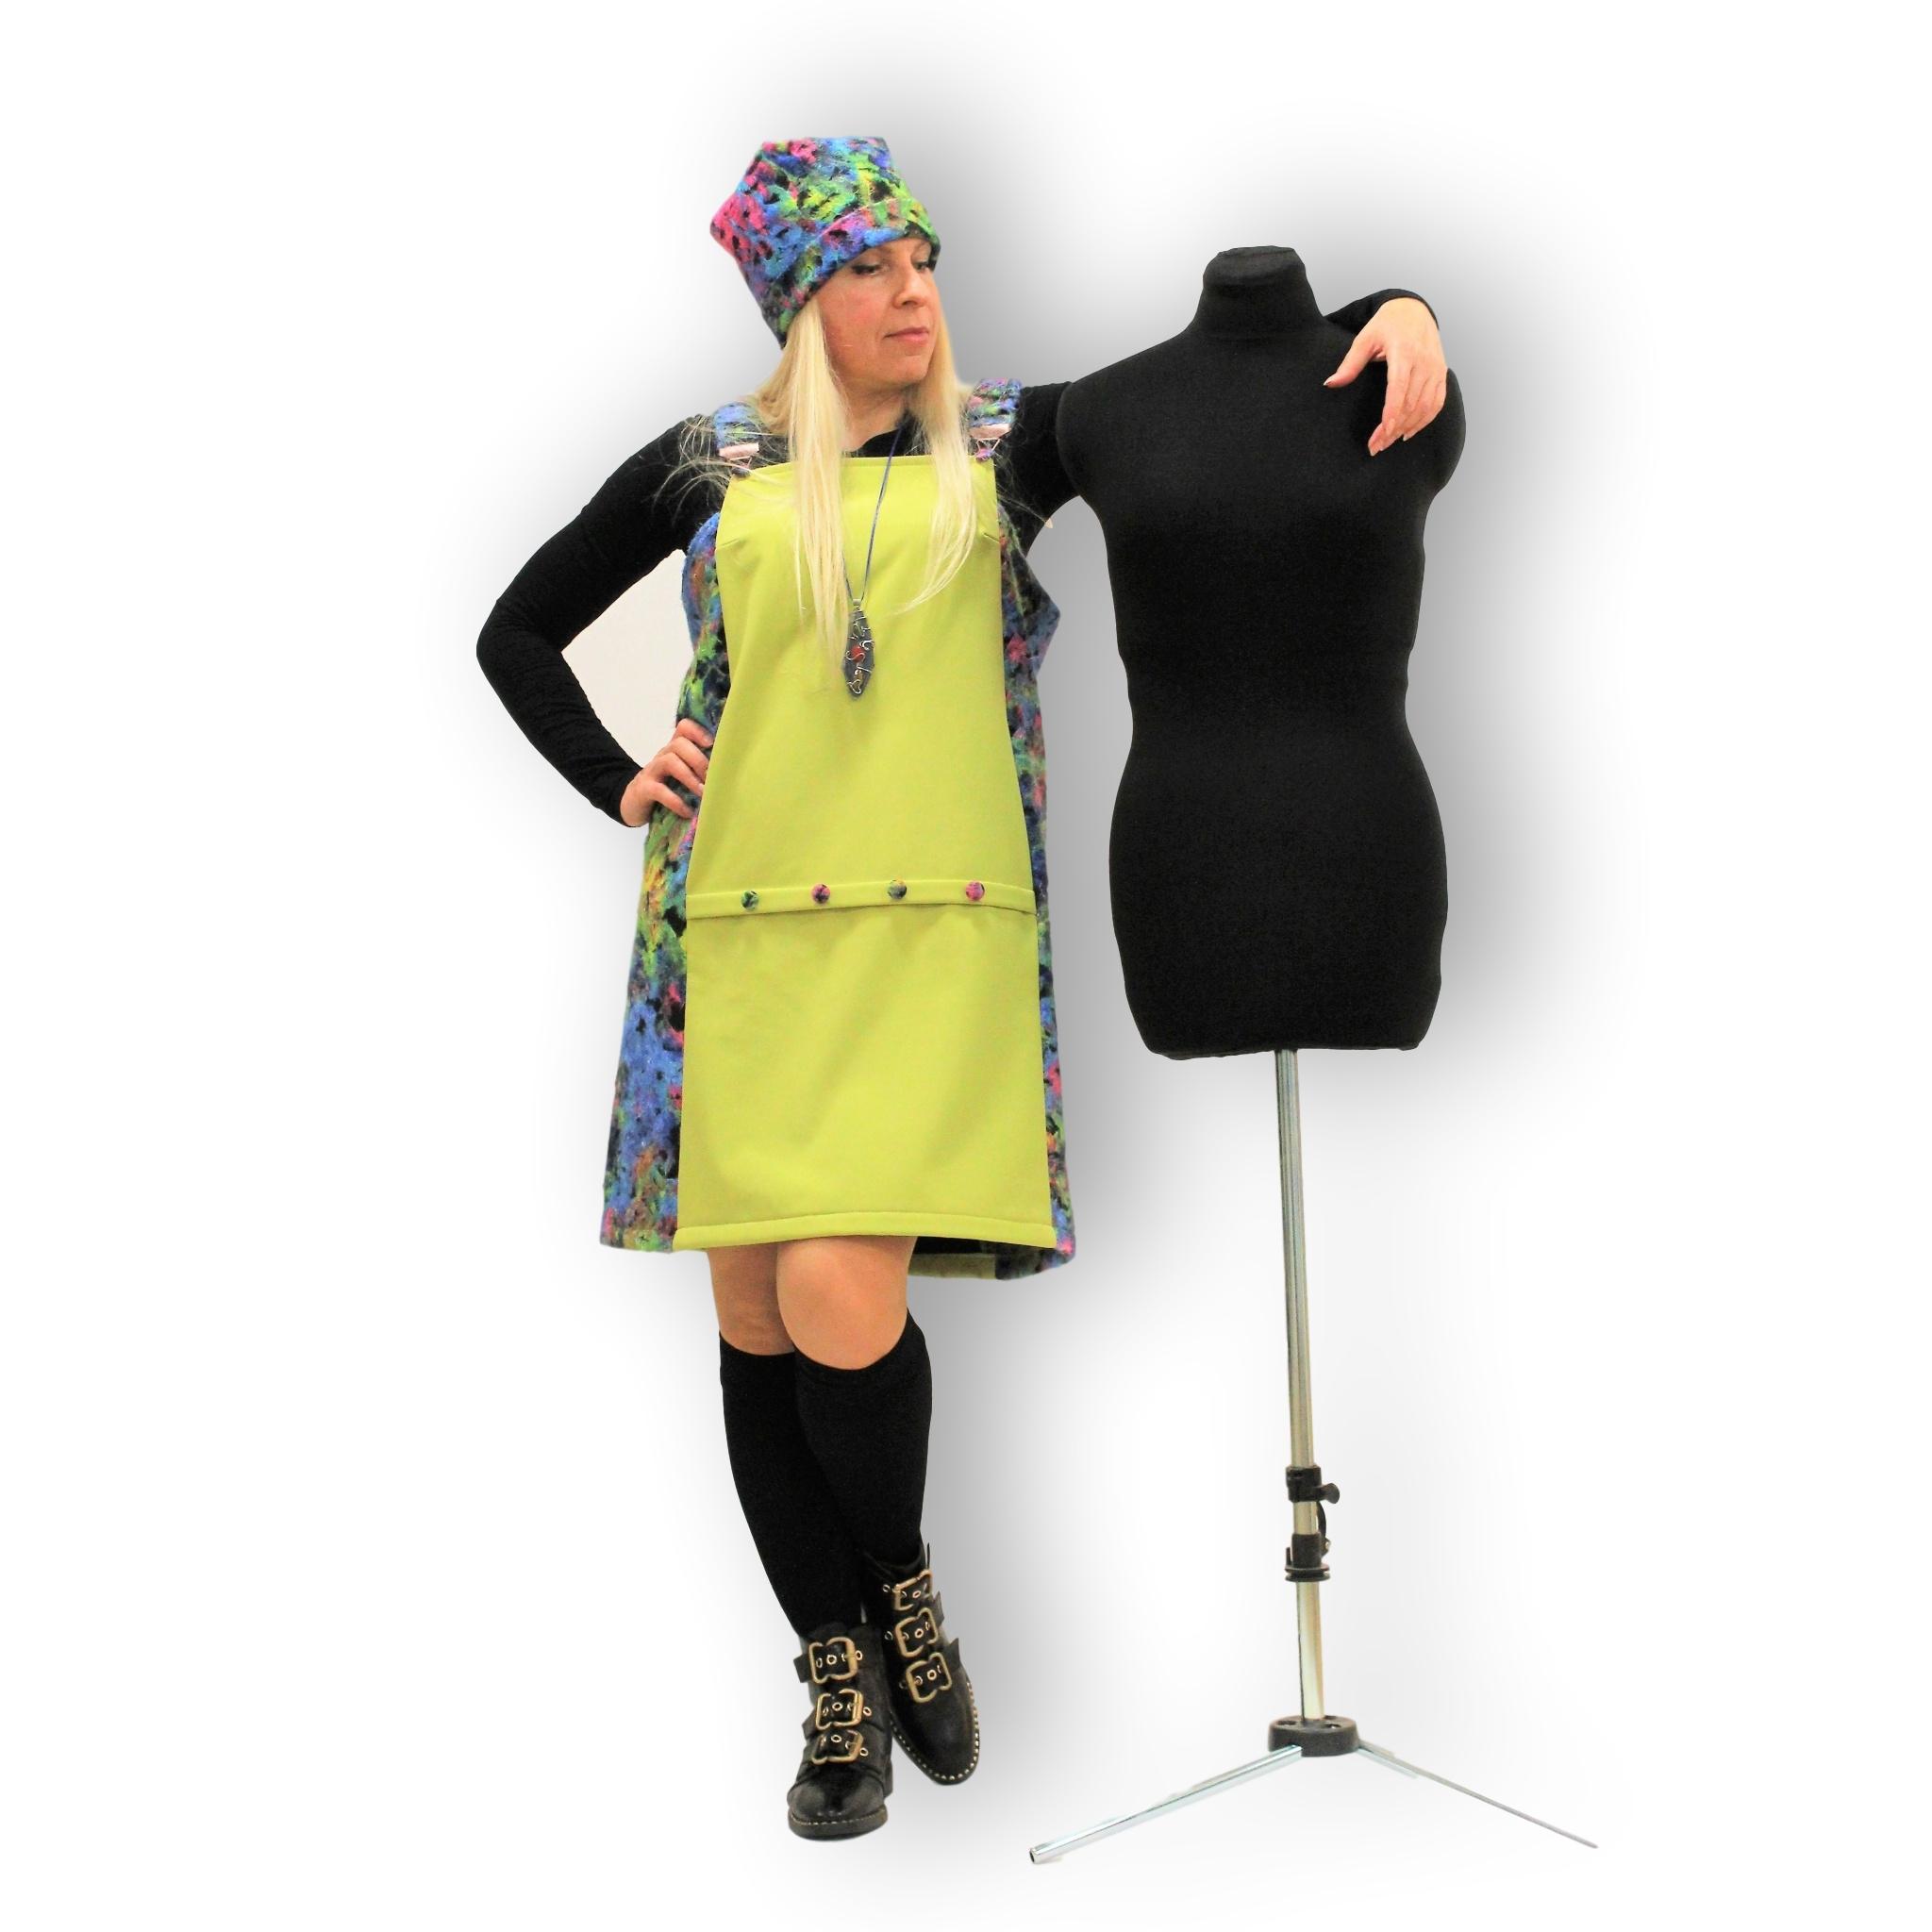 Jak si vybrat správnou velikost oblečení?